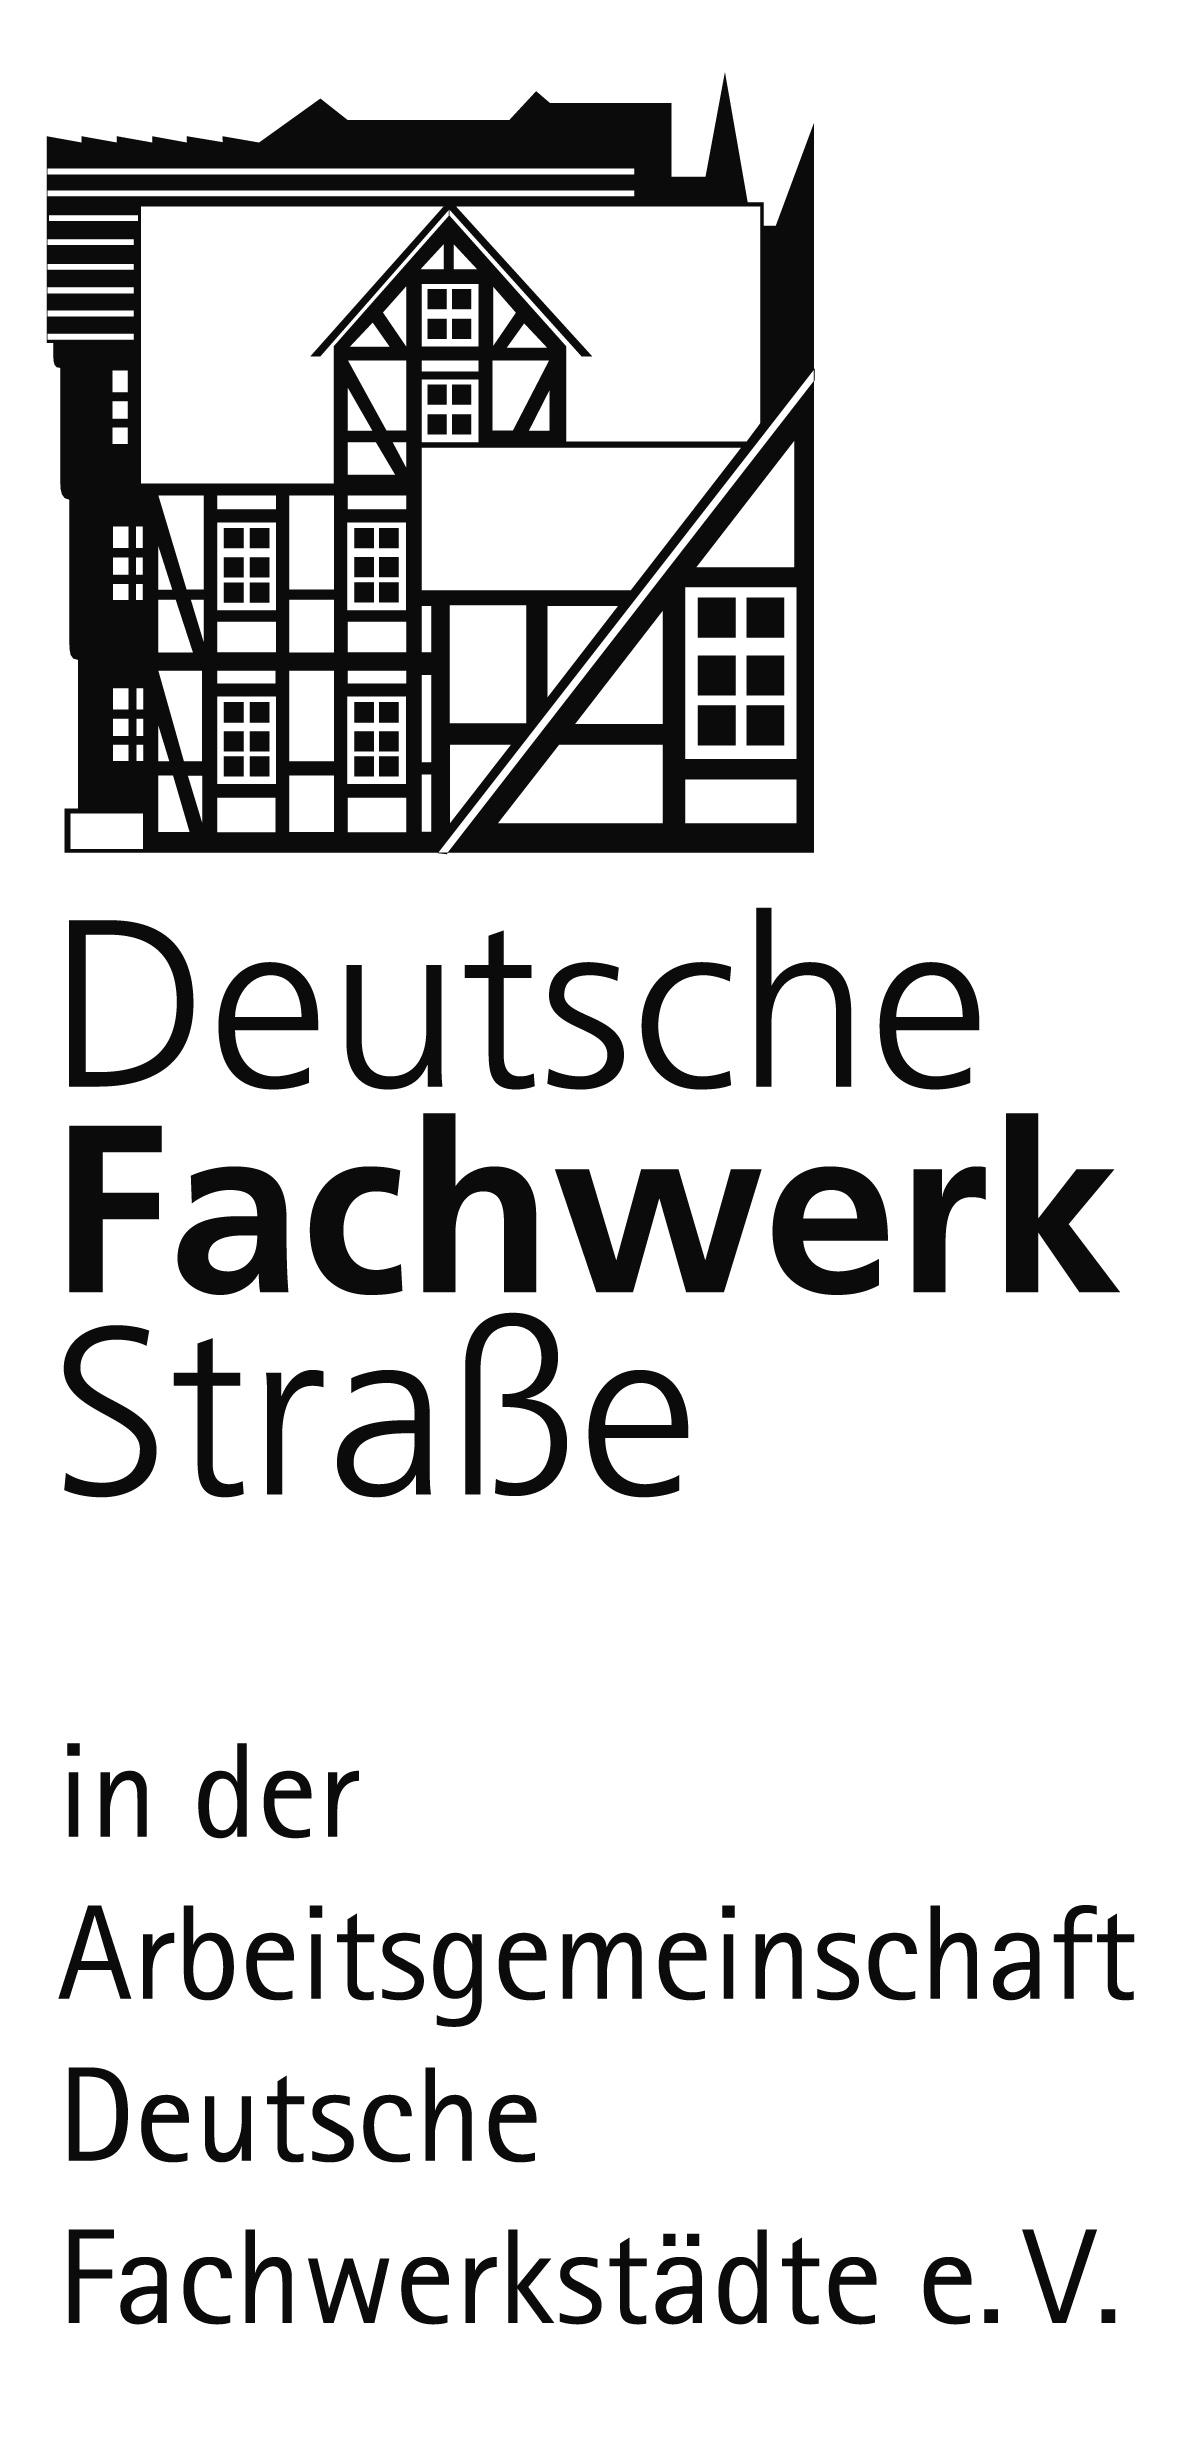 Deutsche Fachwerkstraße